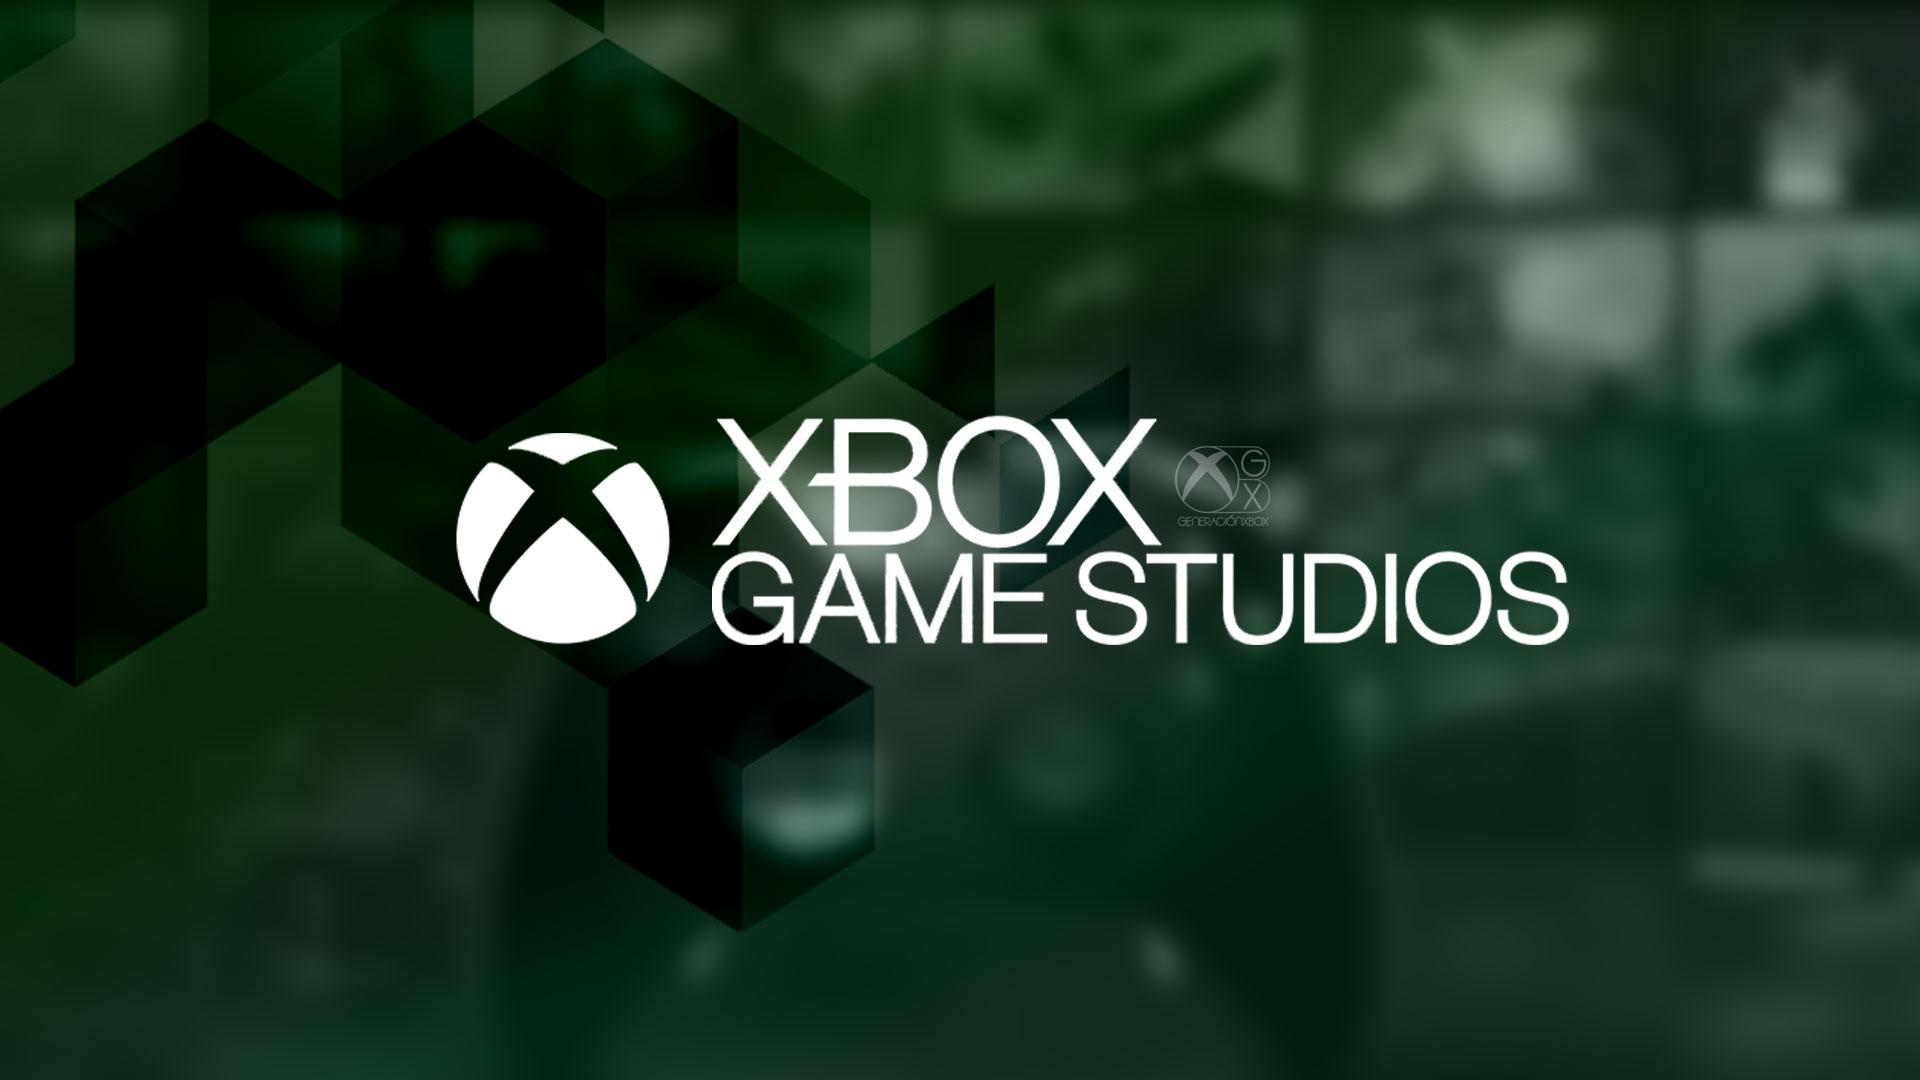 یک بازی Open World عظیم توسط استودیوهای ایکس باکس در حال ساخت است